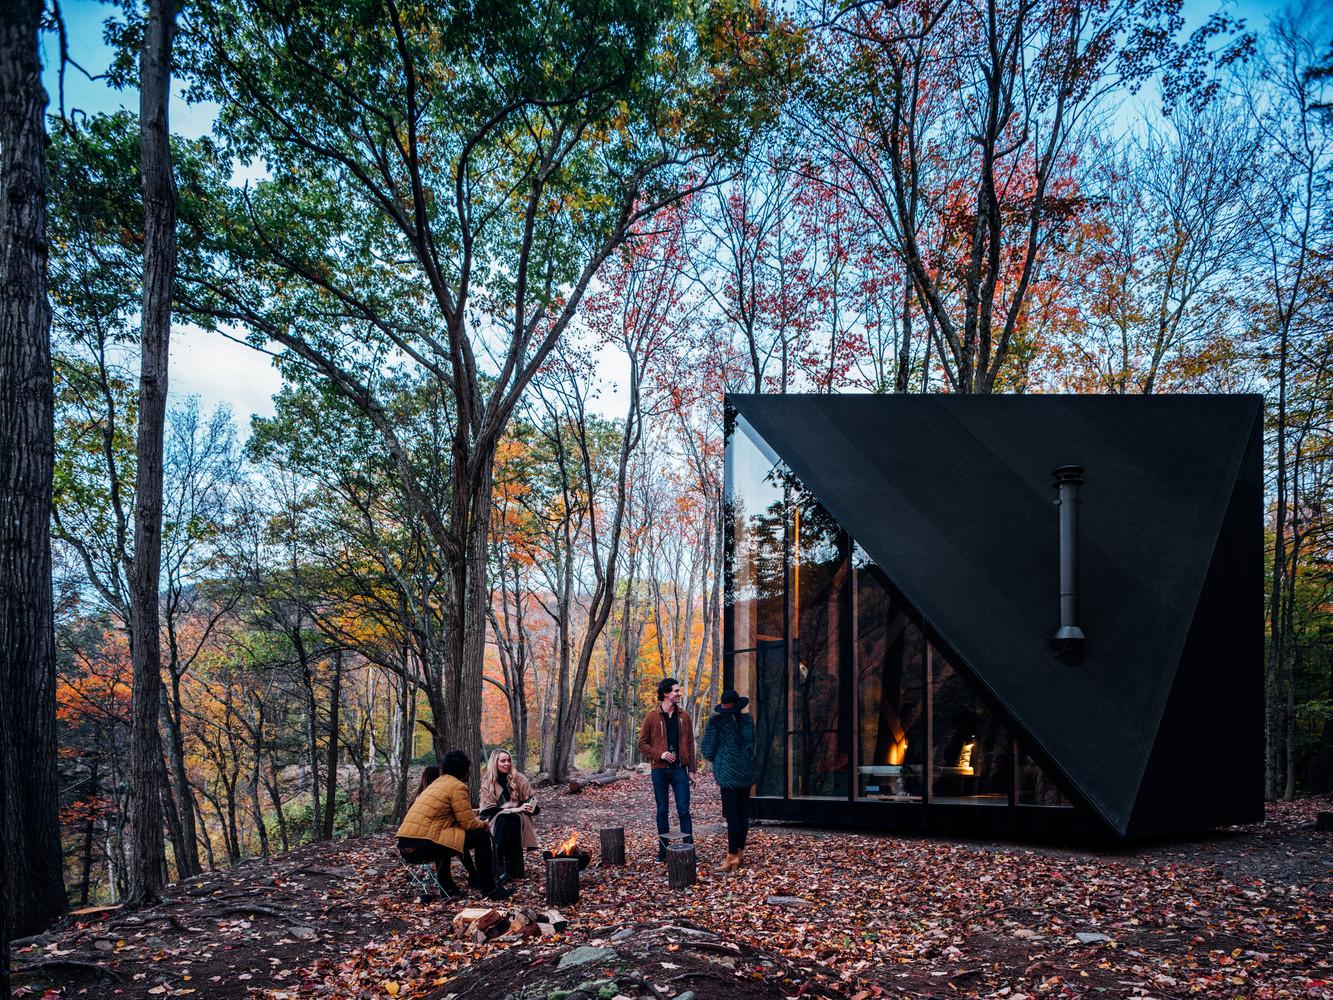 The A45 tiny house